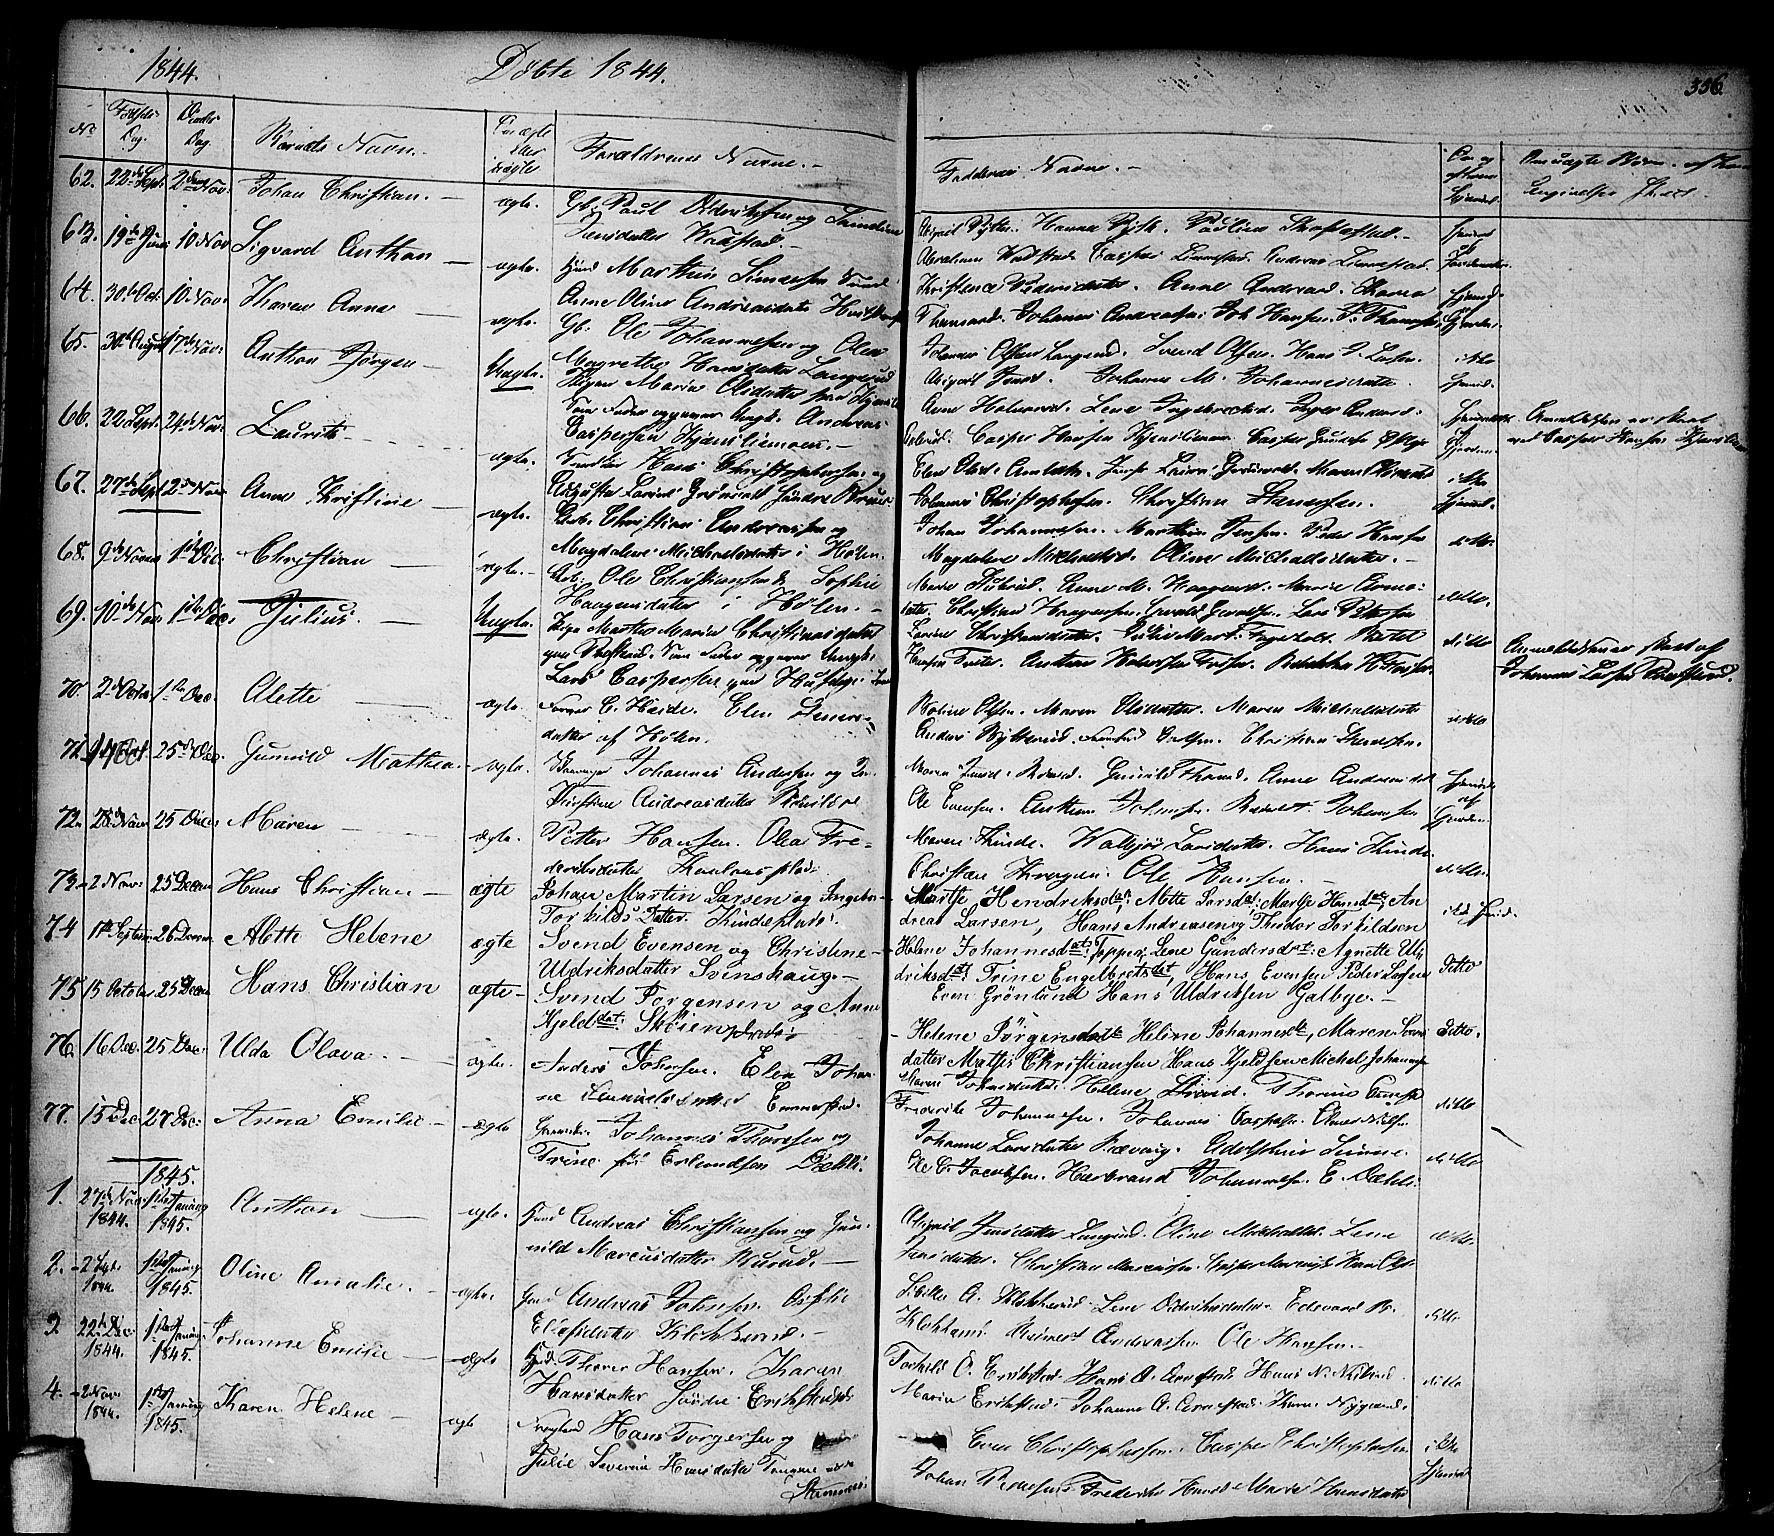 SAO, Vestby prestekontor Kirkebøker, F/Fa/L0006: Ministerialbok nr. I 6, 1827-1849, s. 356